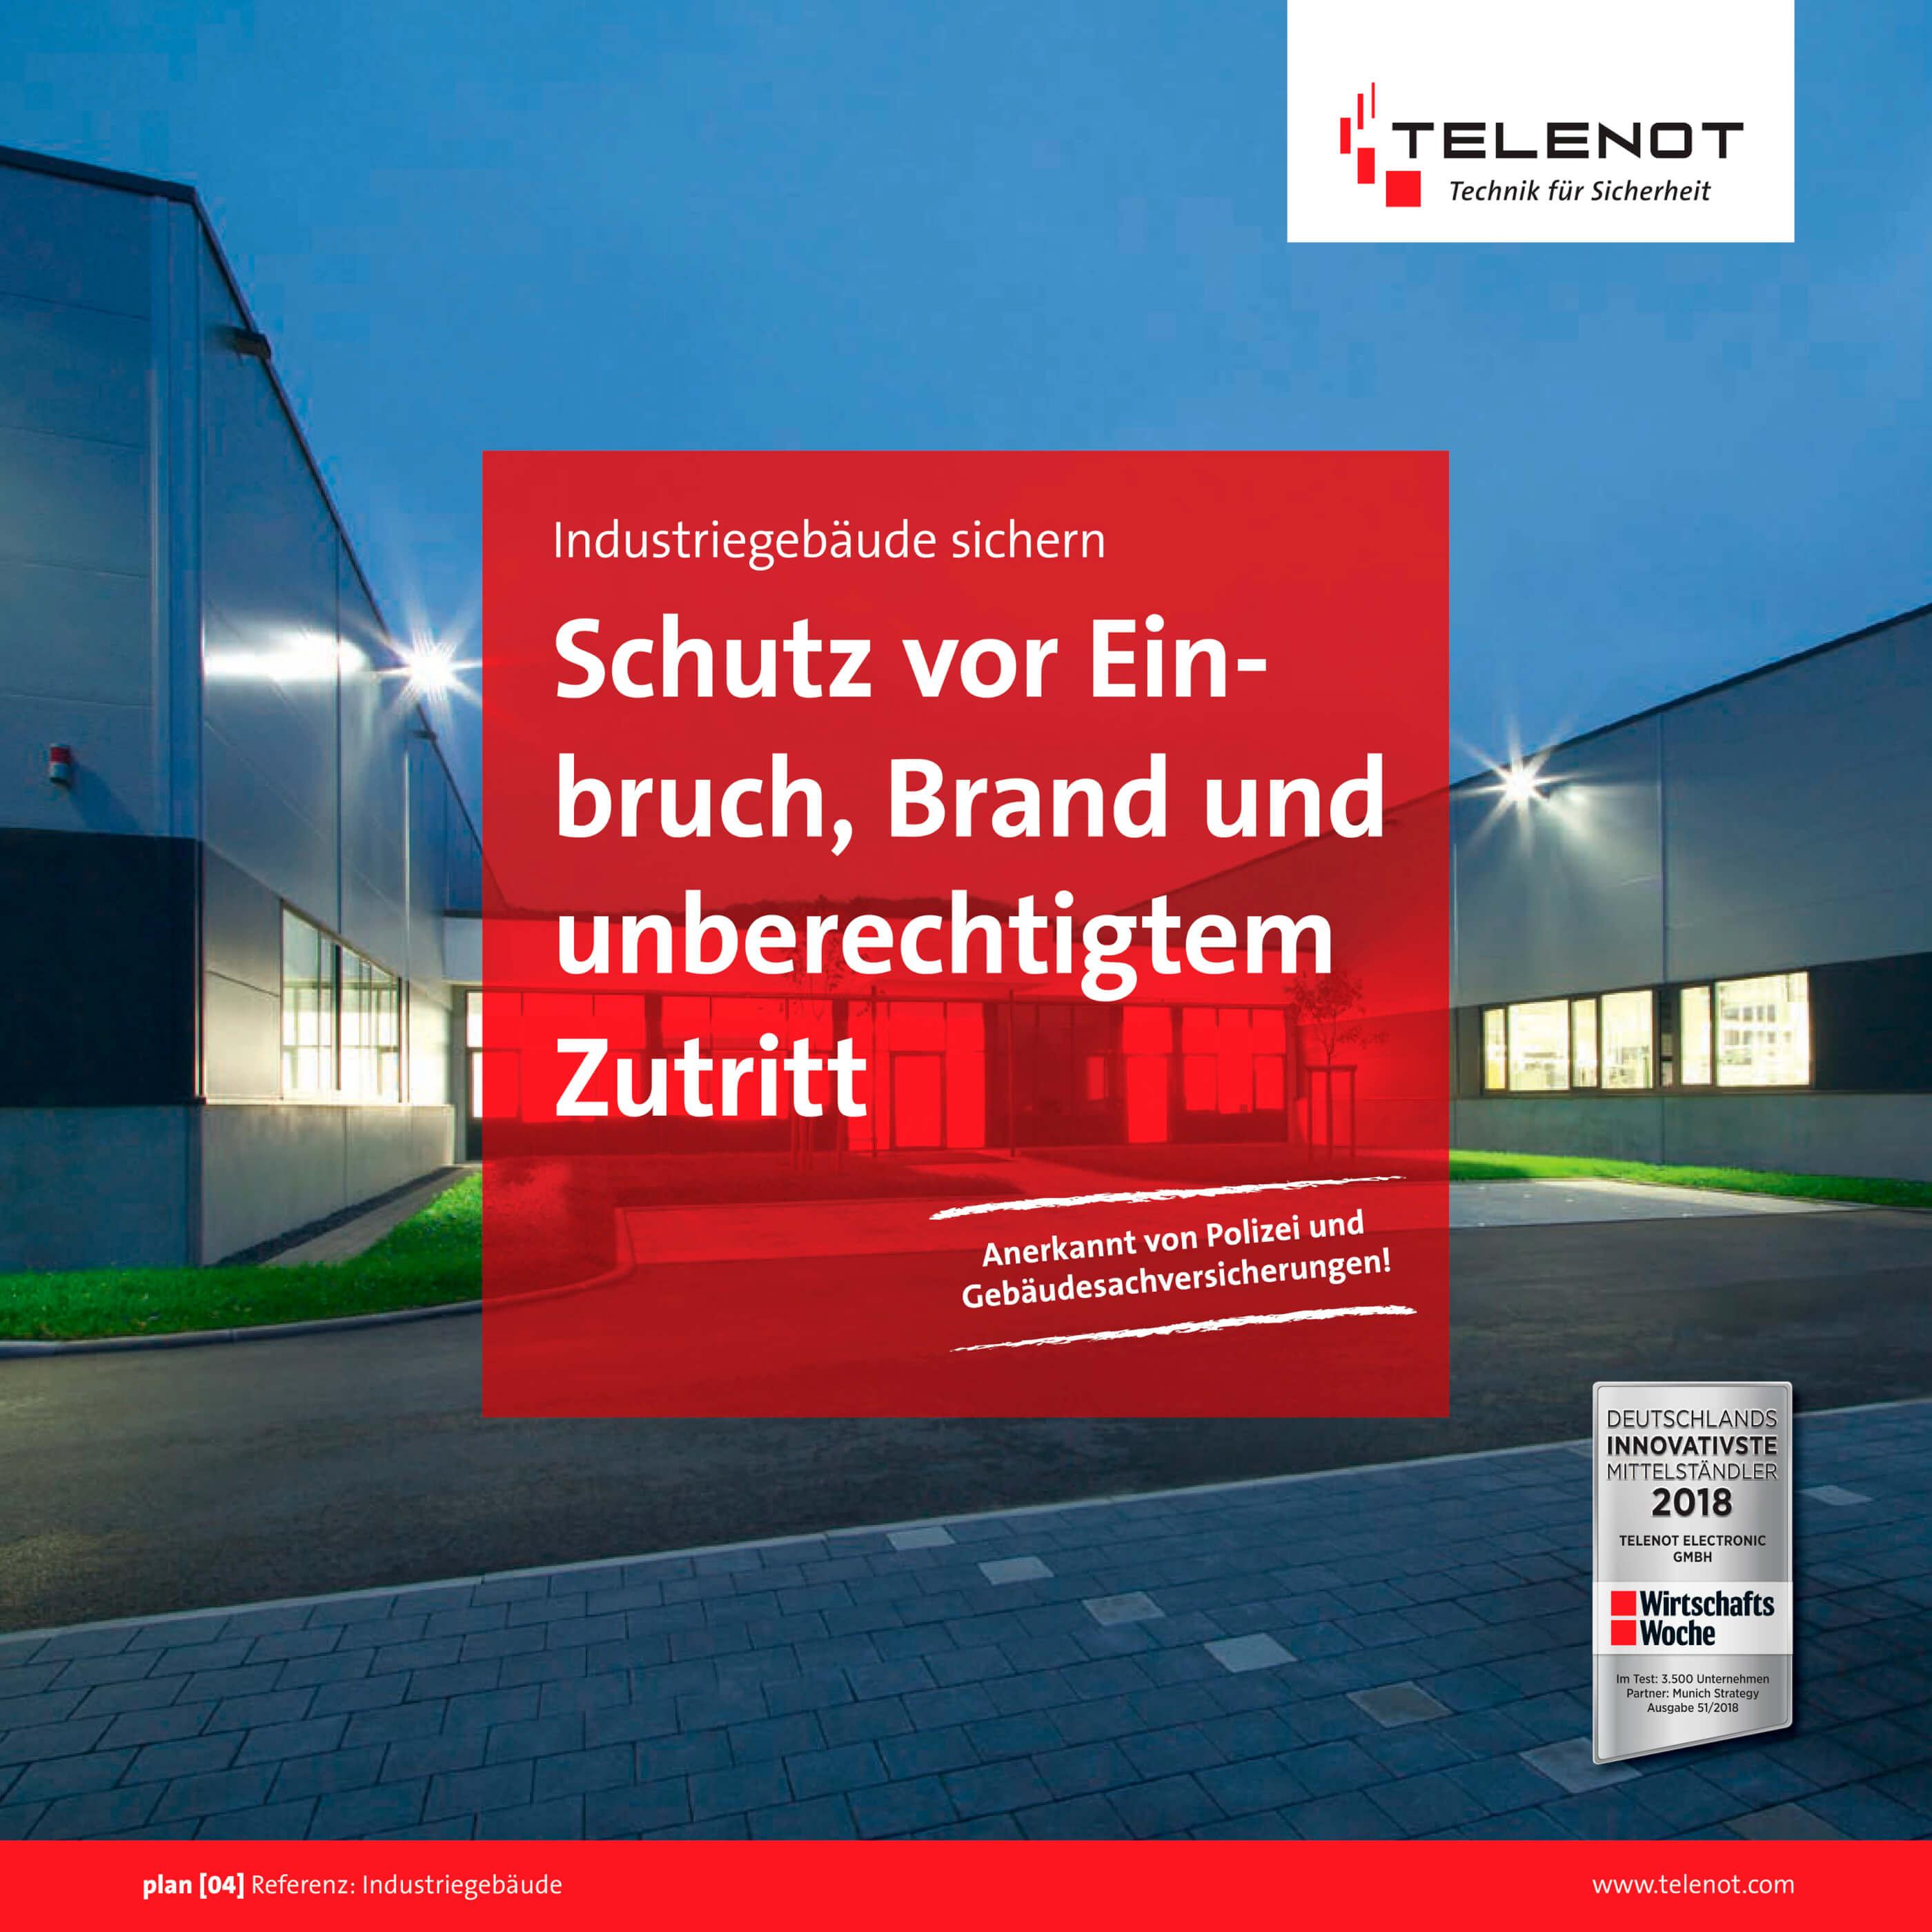 Telenot - Industrie